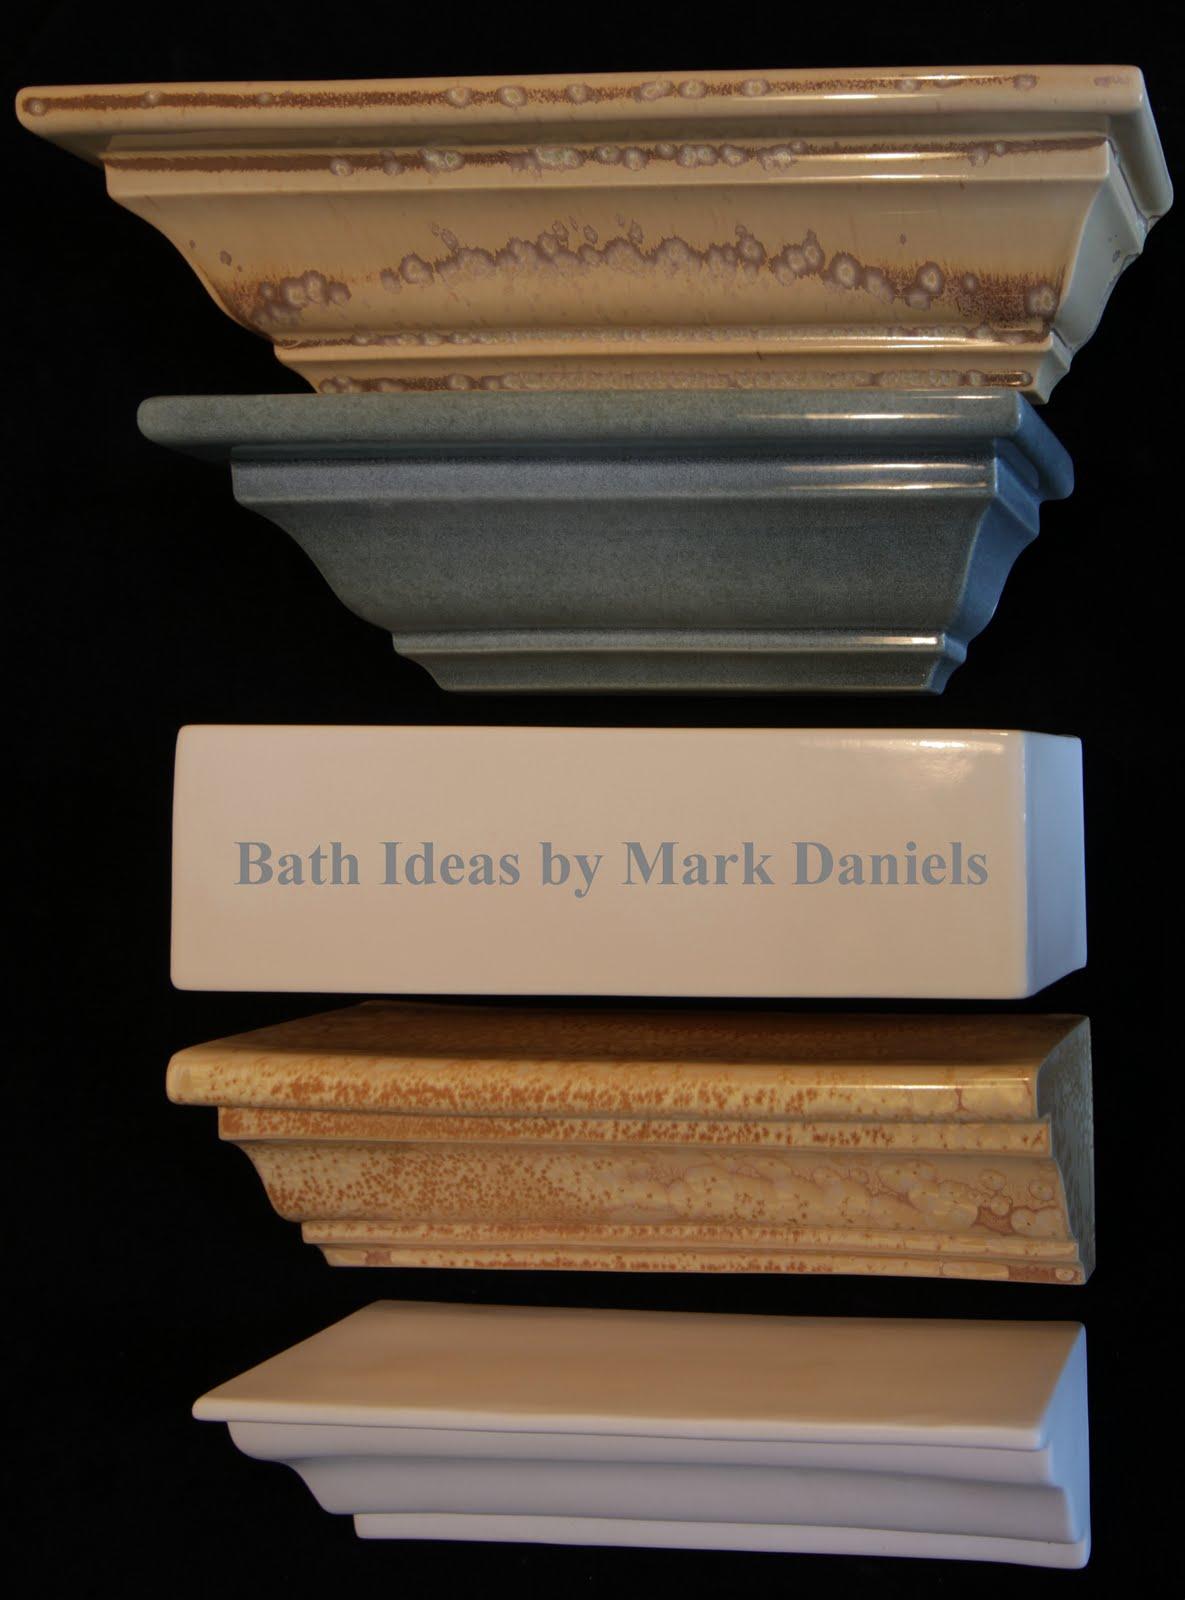 Bathroom Remodeling Design Ideas Tile Shower Niches Bathroom Tile Shower Shelves Crown Molding